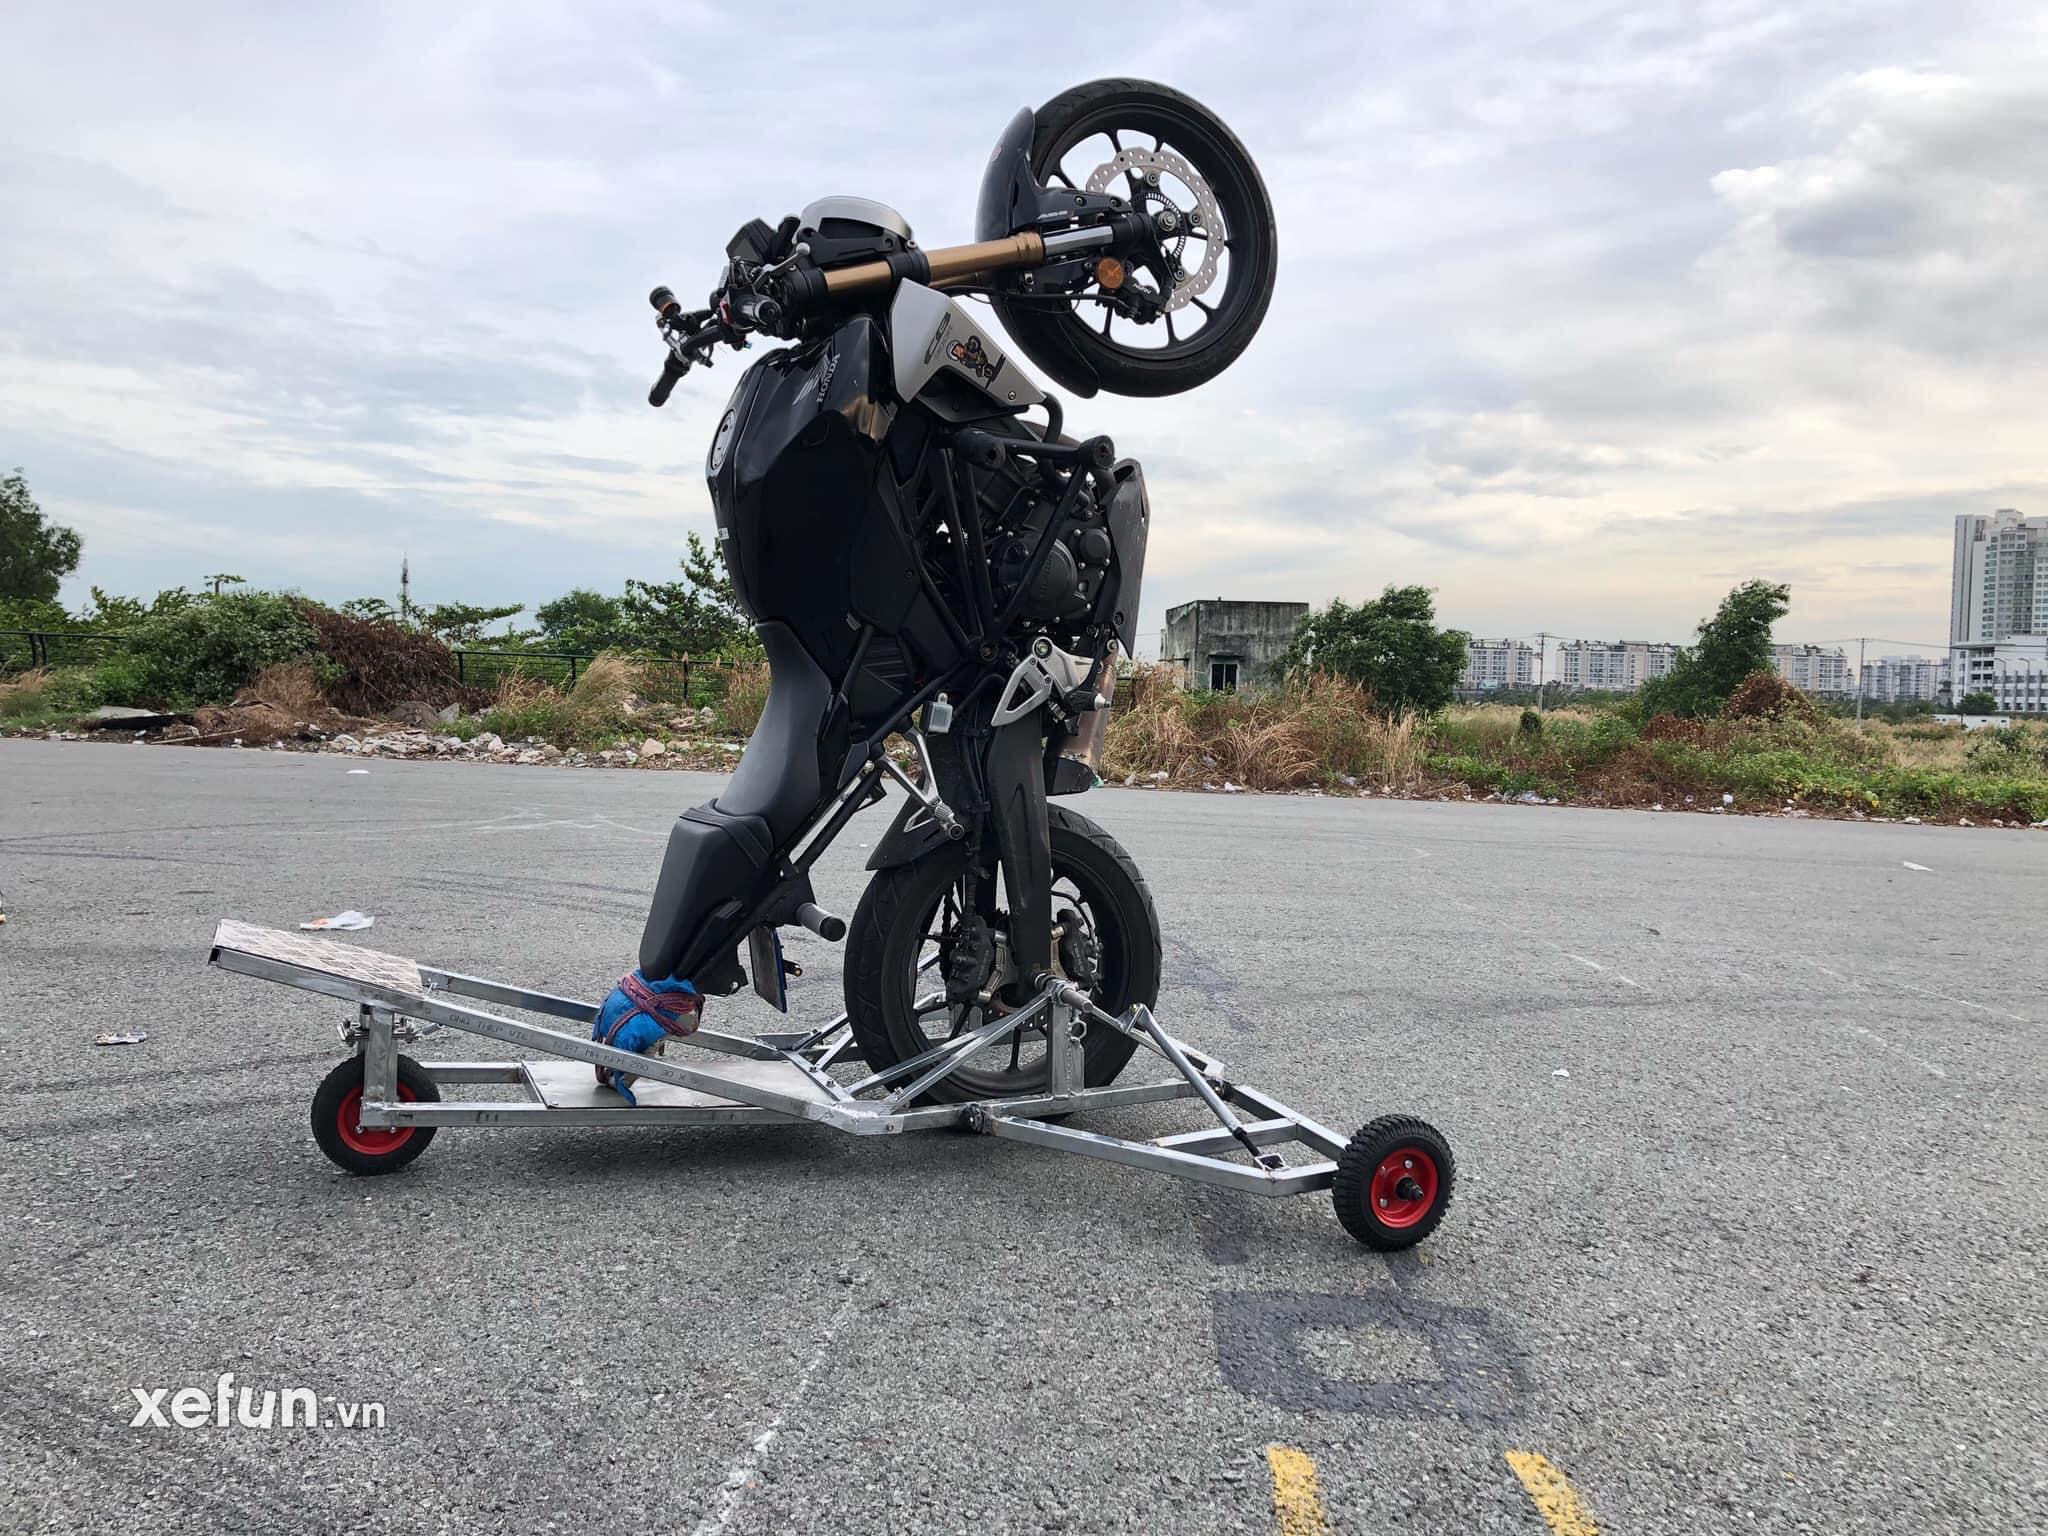 Sự cố bốc đầu wheelie và bốc đít stoppie - Clip của anh Ngọc Sinh gặp sự cố khi diễn tập Stoppie (Bốc đít)